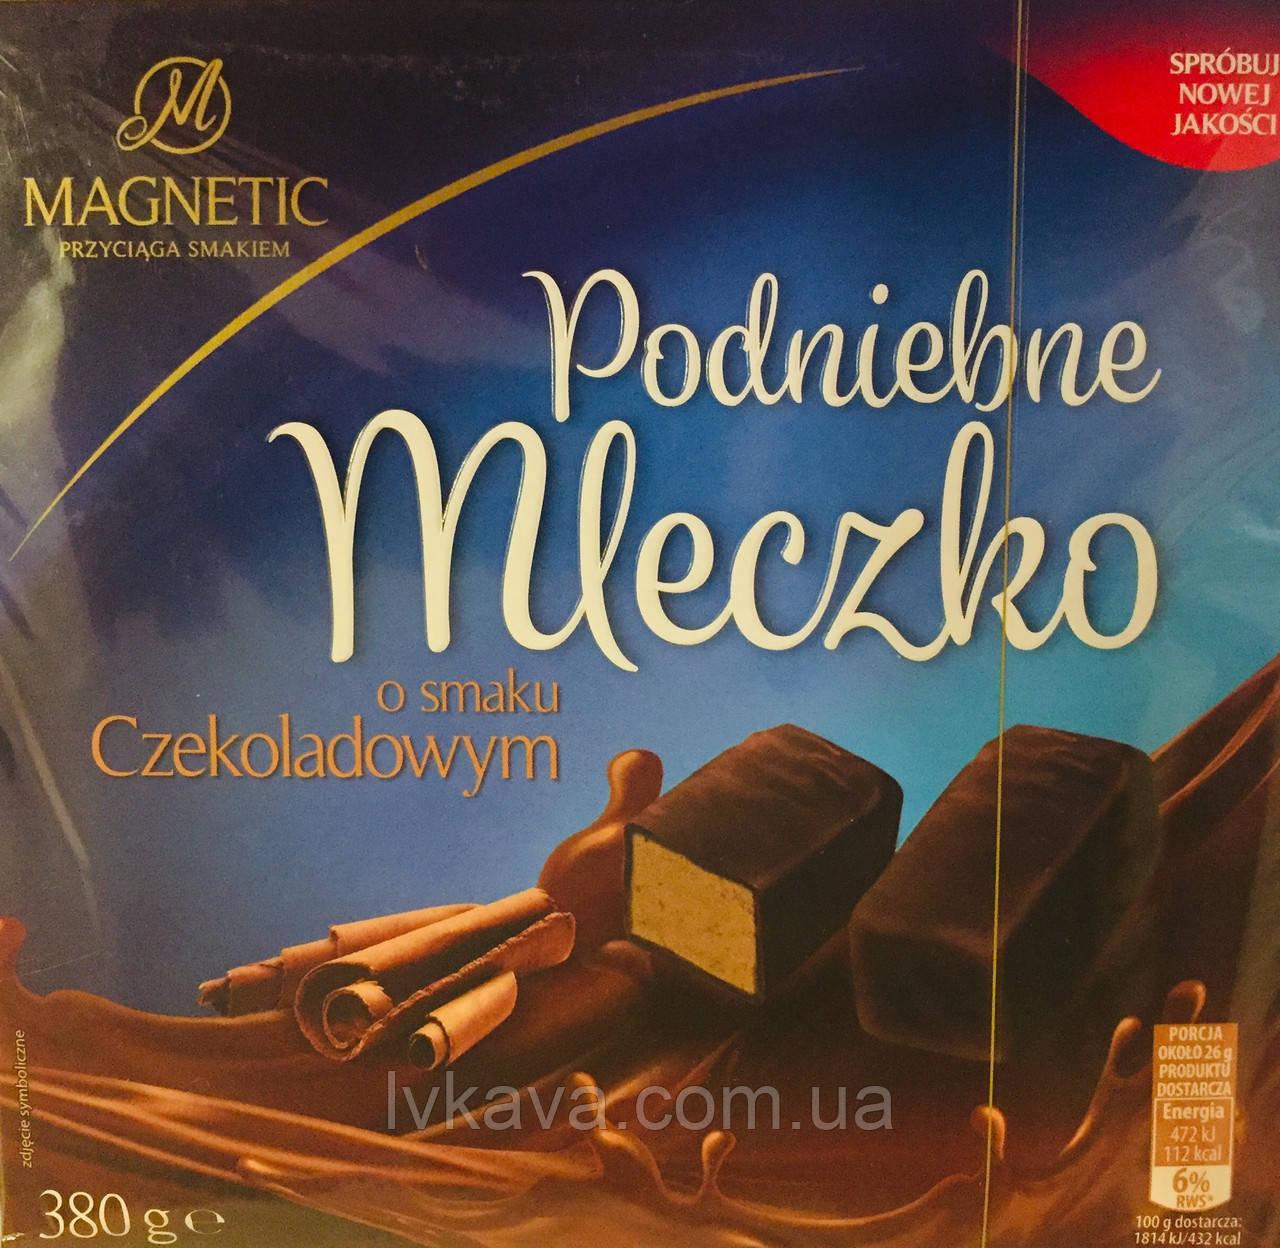 Конфеты птичье молоко с шоколадным  вкусом Magnetic Podniebne Mleczko  , 500 гр